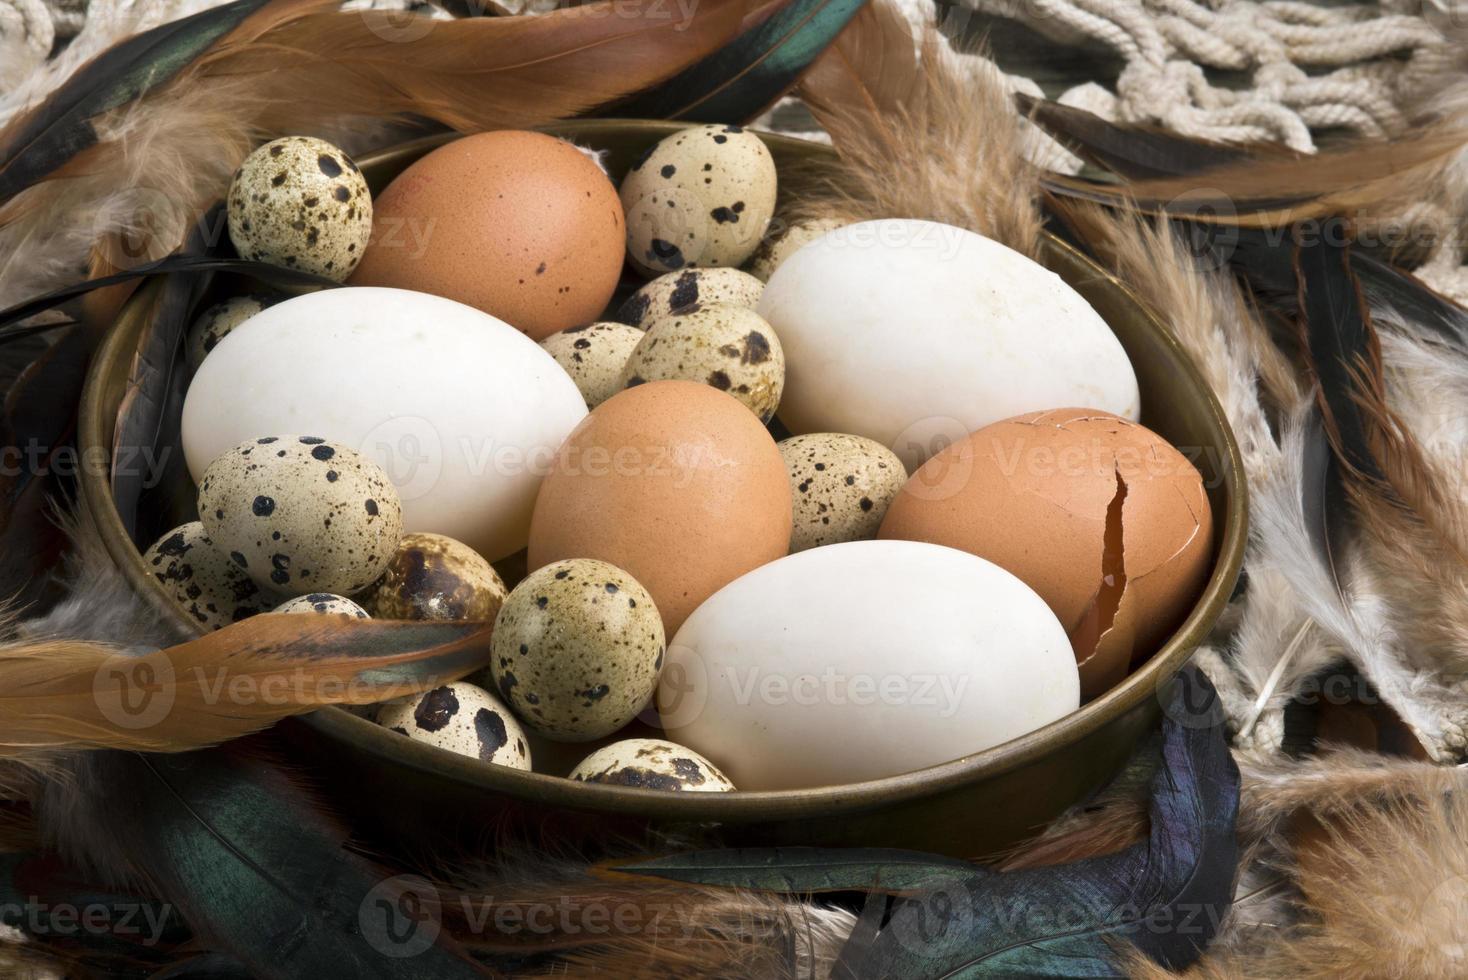 uova fresche di anatra, gallina e quaglia foto